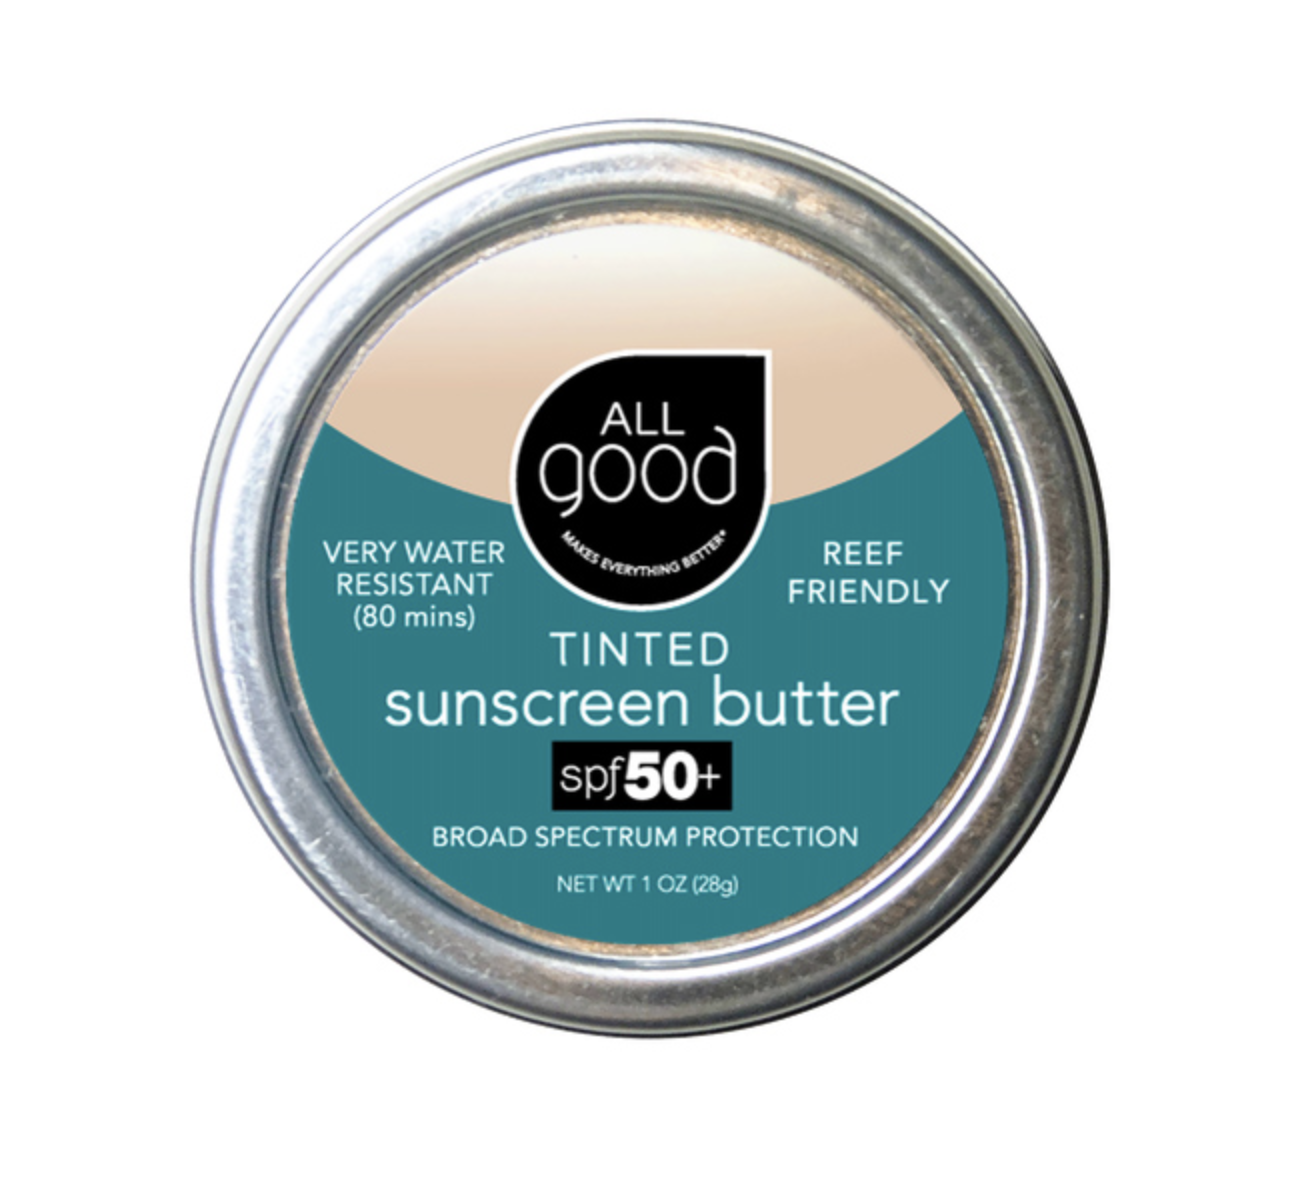 【ALL GOOD】オールグッド ティントサンスクリーンバター spf 50+  TINTED SUNSCREEN BUTTER 日焼け止め